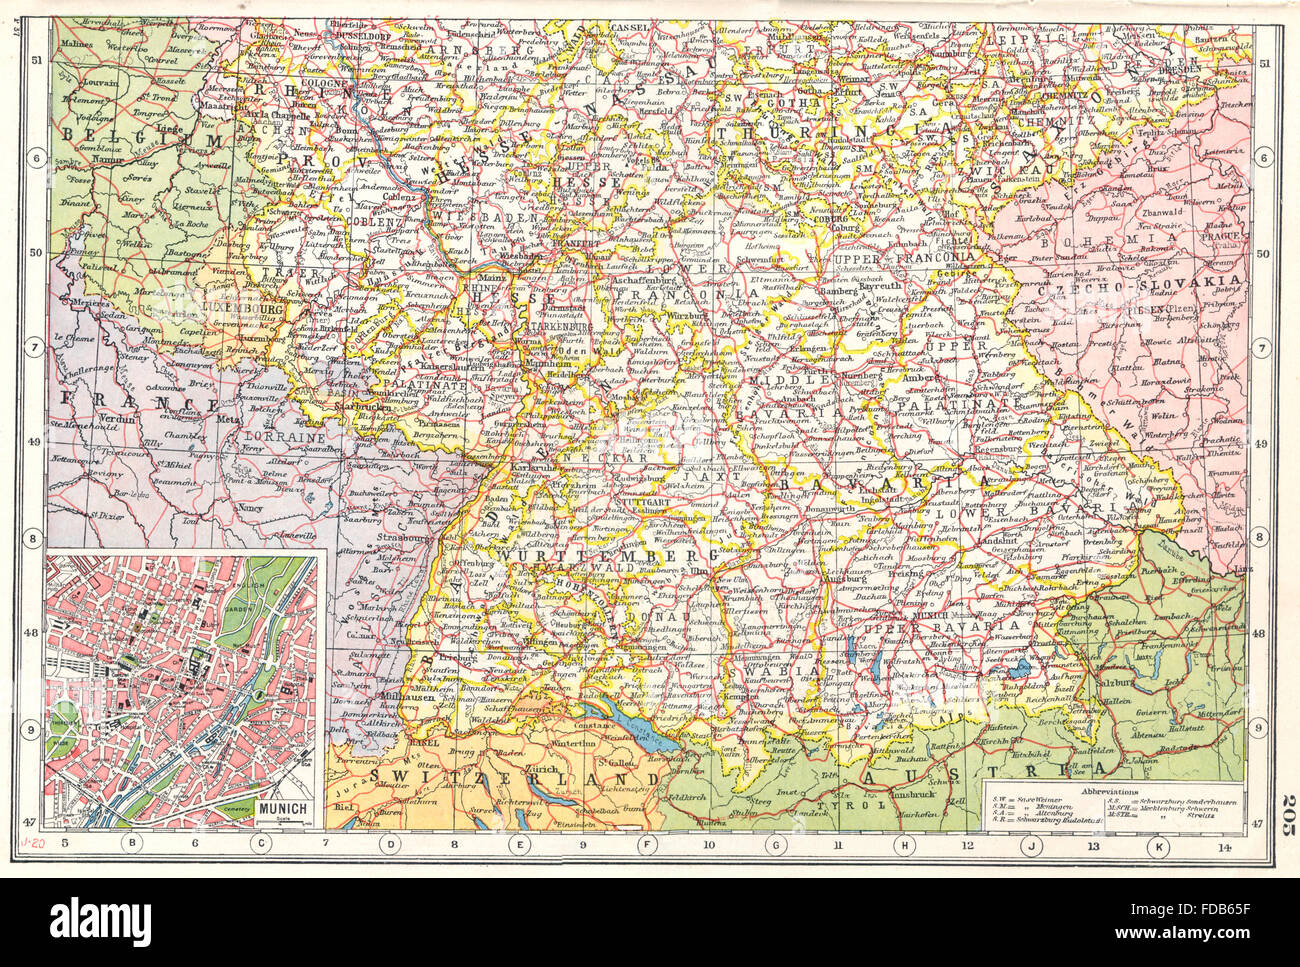 Cartina Geografica Germania Del Sud.Germania Del Sud Wurttemberg Baviera Assia Turingia Inset